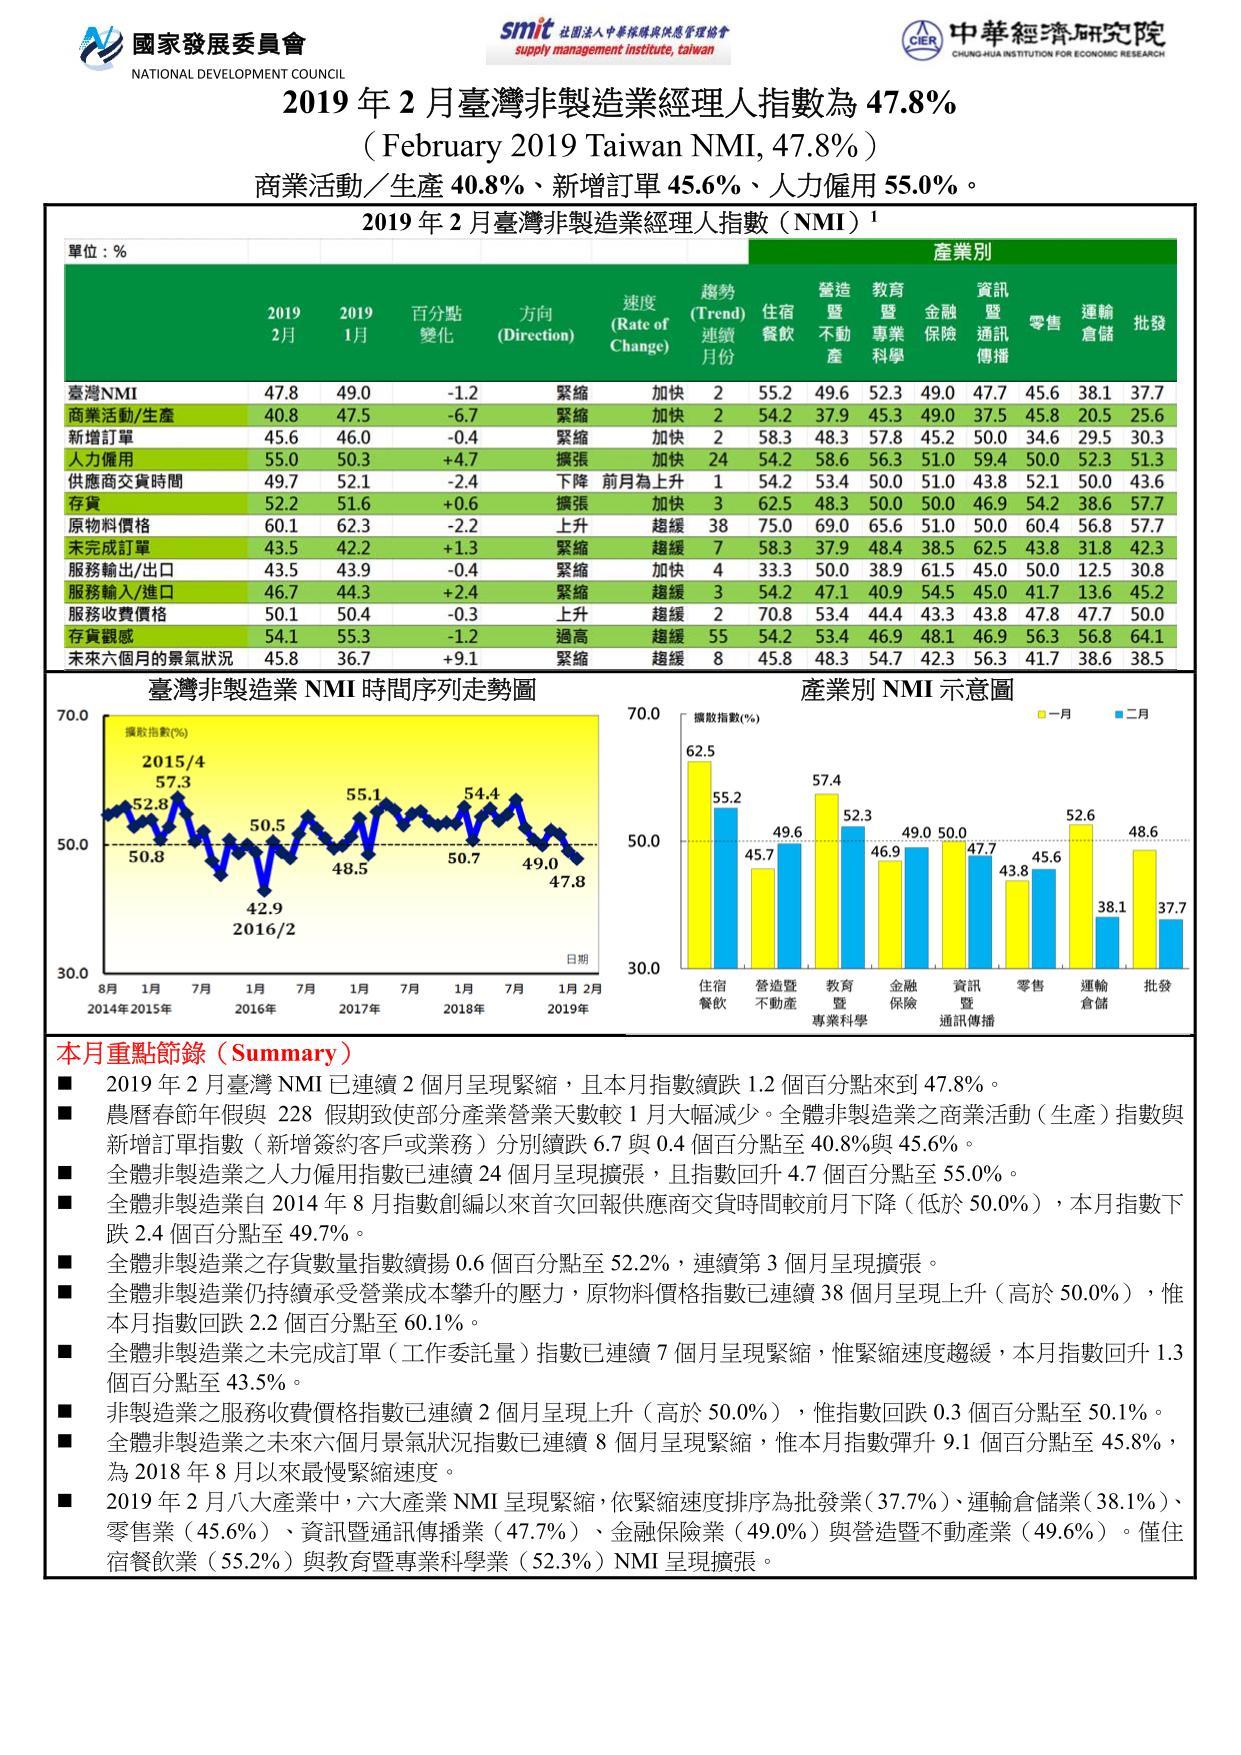 2018年7月臺灣非製造業經理人指數(NMI)